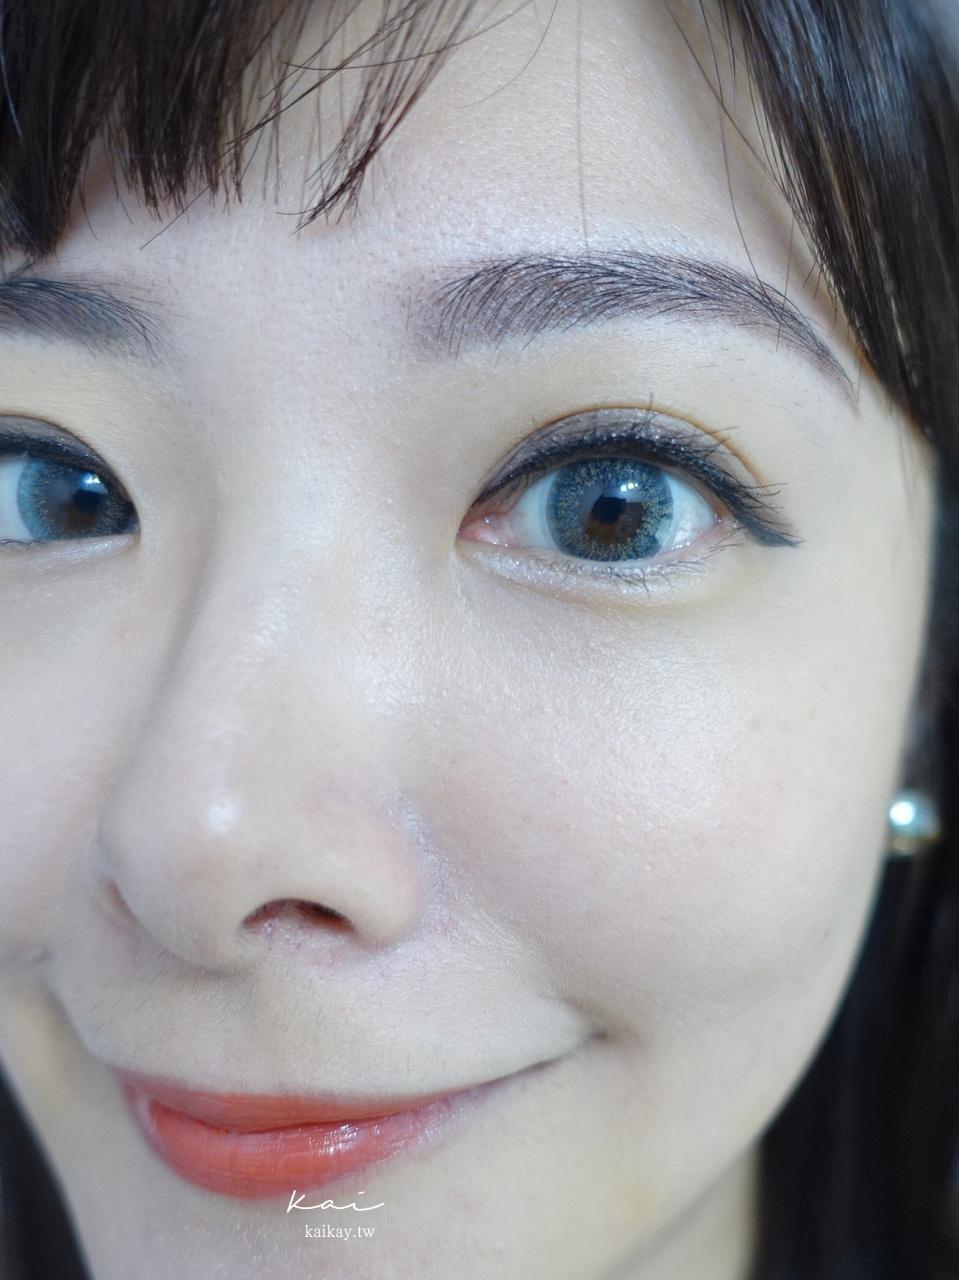 ☆【隱眼】星歐彩色日拋隱形眼鏡:Lazy Cat藍 開箱(康是美限定!)